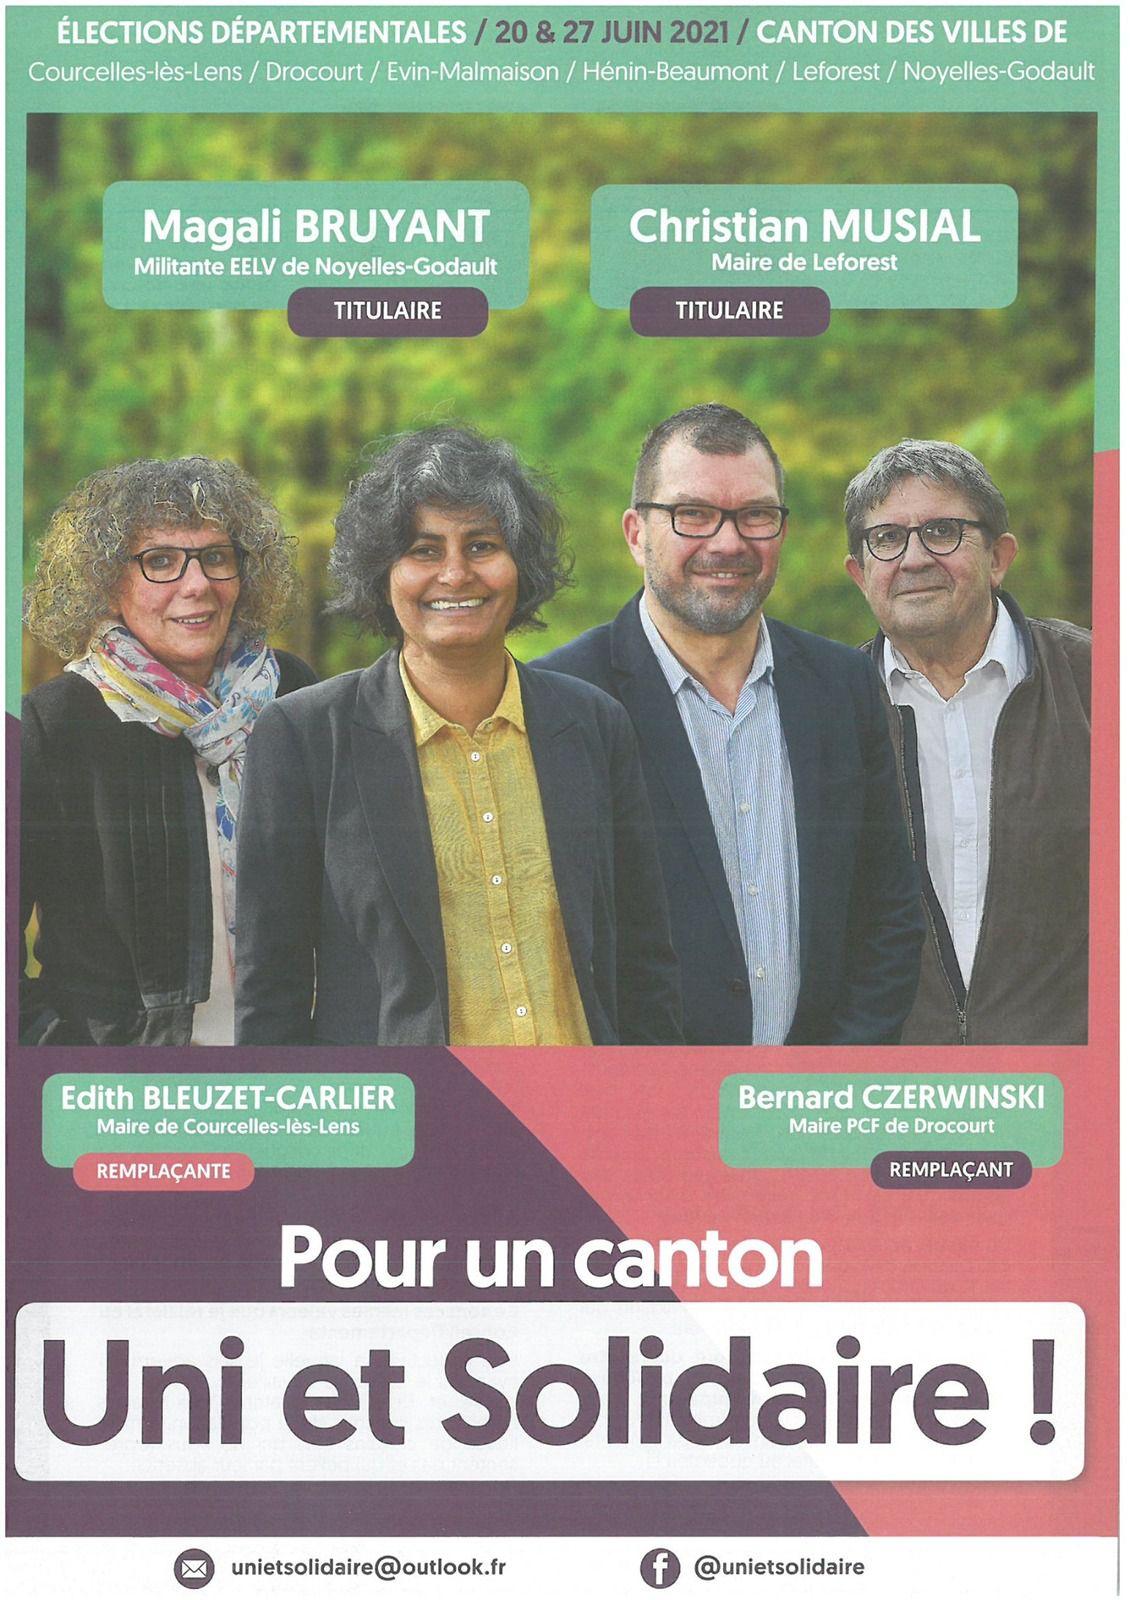 Elections départementales 2021 : le premier tract de campagne des candidats du canton d'Hénin-Beaumont 2